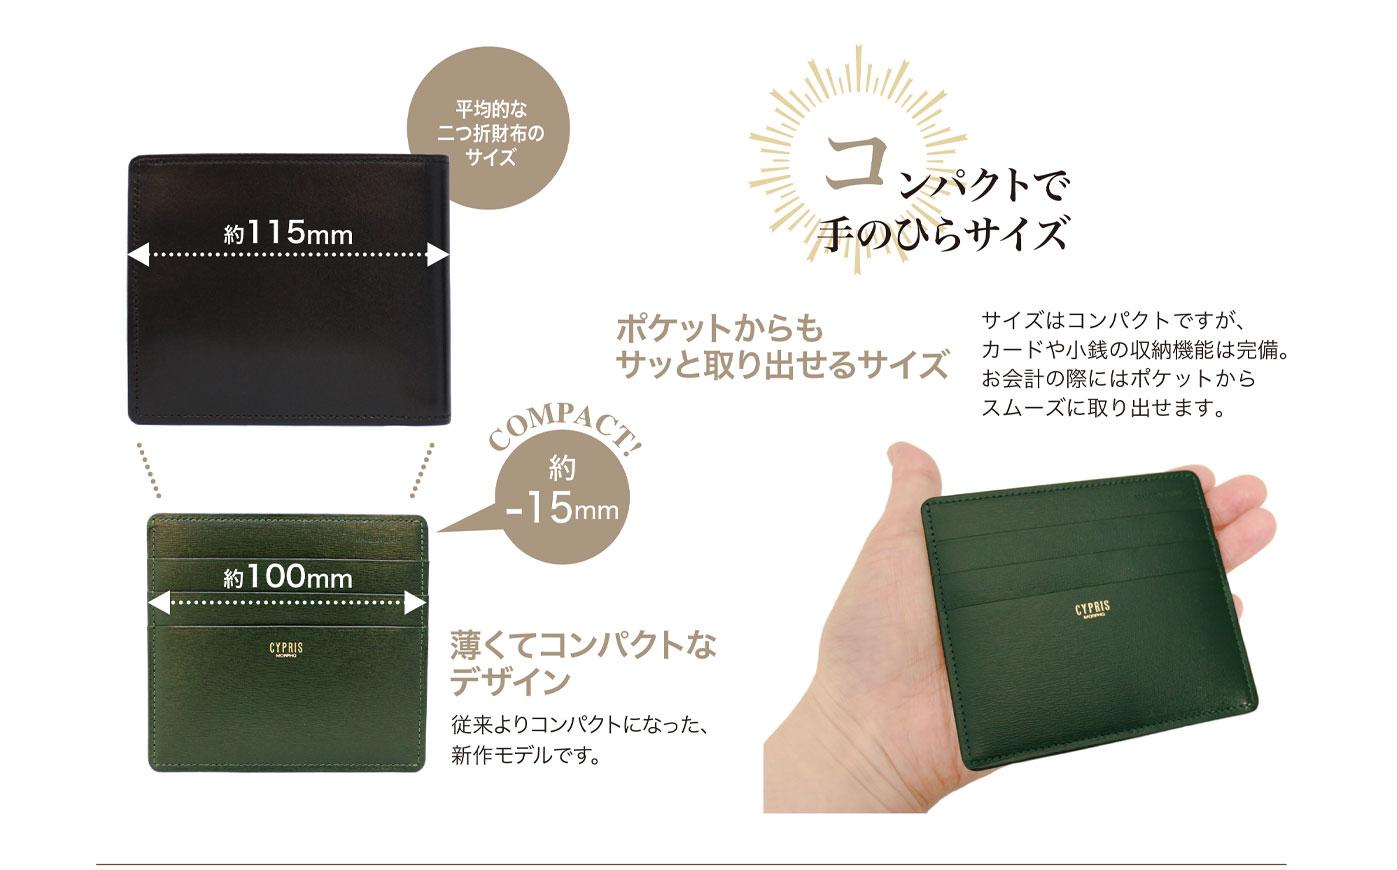 キプリスボックスカーフ 小銭入れ付きカードケース(マネーフラップ)。コンパクトで手のひらサイズ。カードや小銭の収納機能は完備。